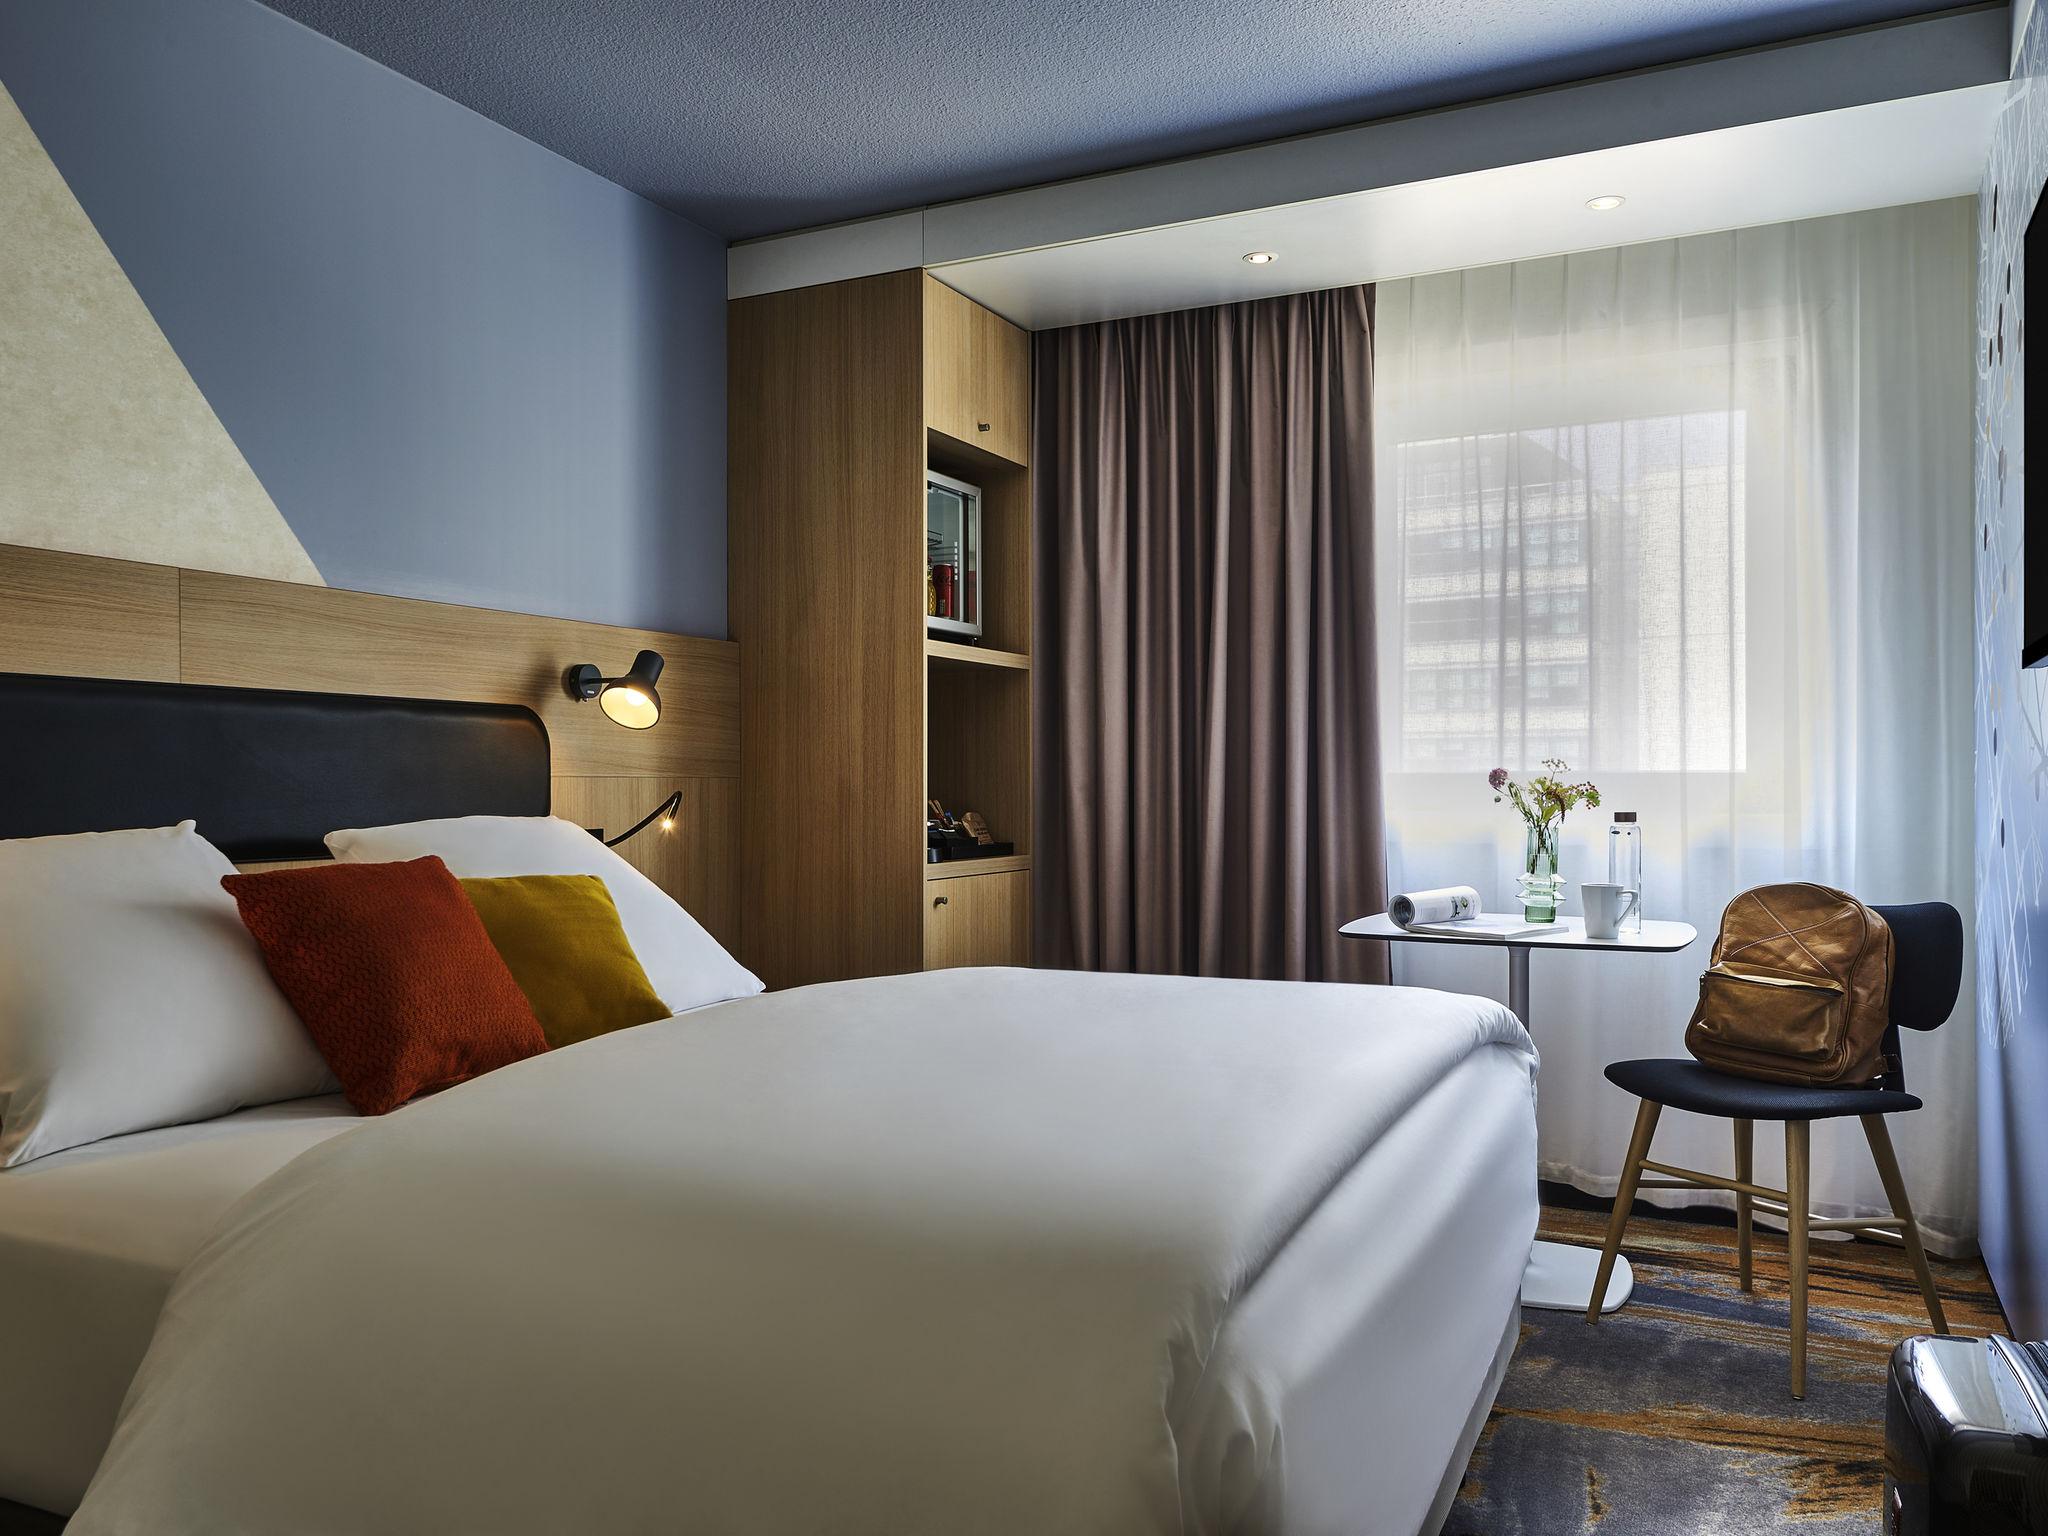 Hotell – Hotellet Mercure Paris Gare de Lyon TGV